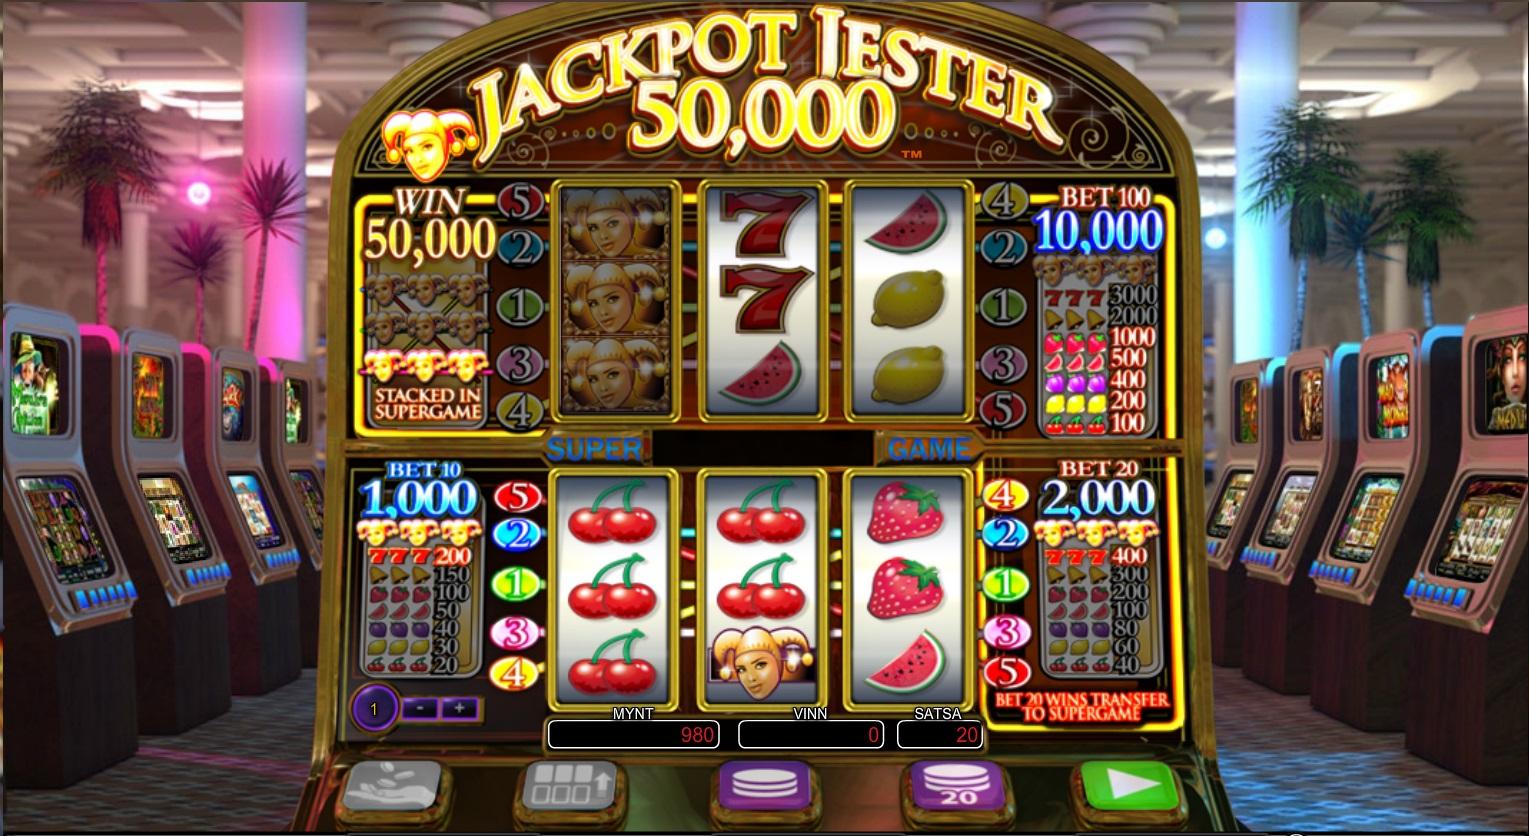 Casino utan regeringen tävla